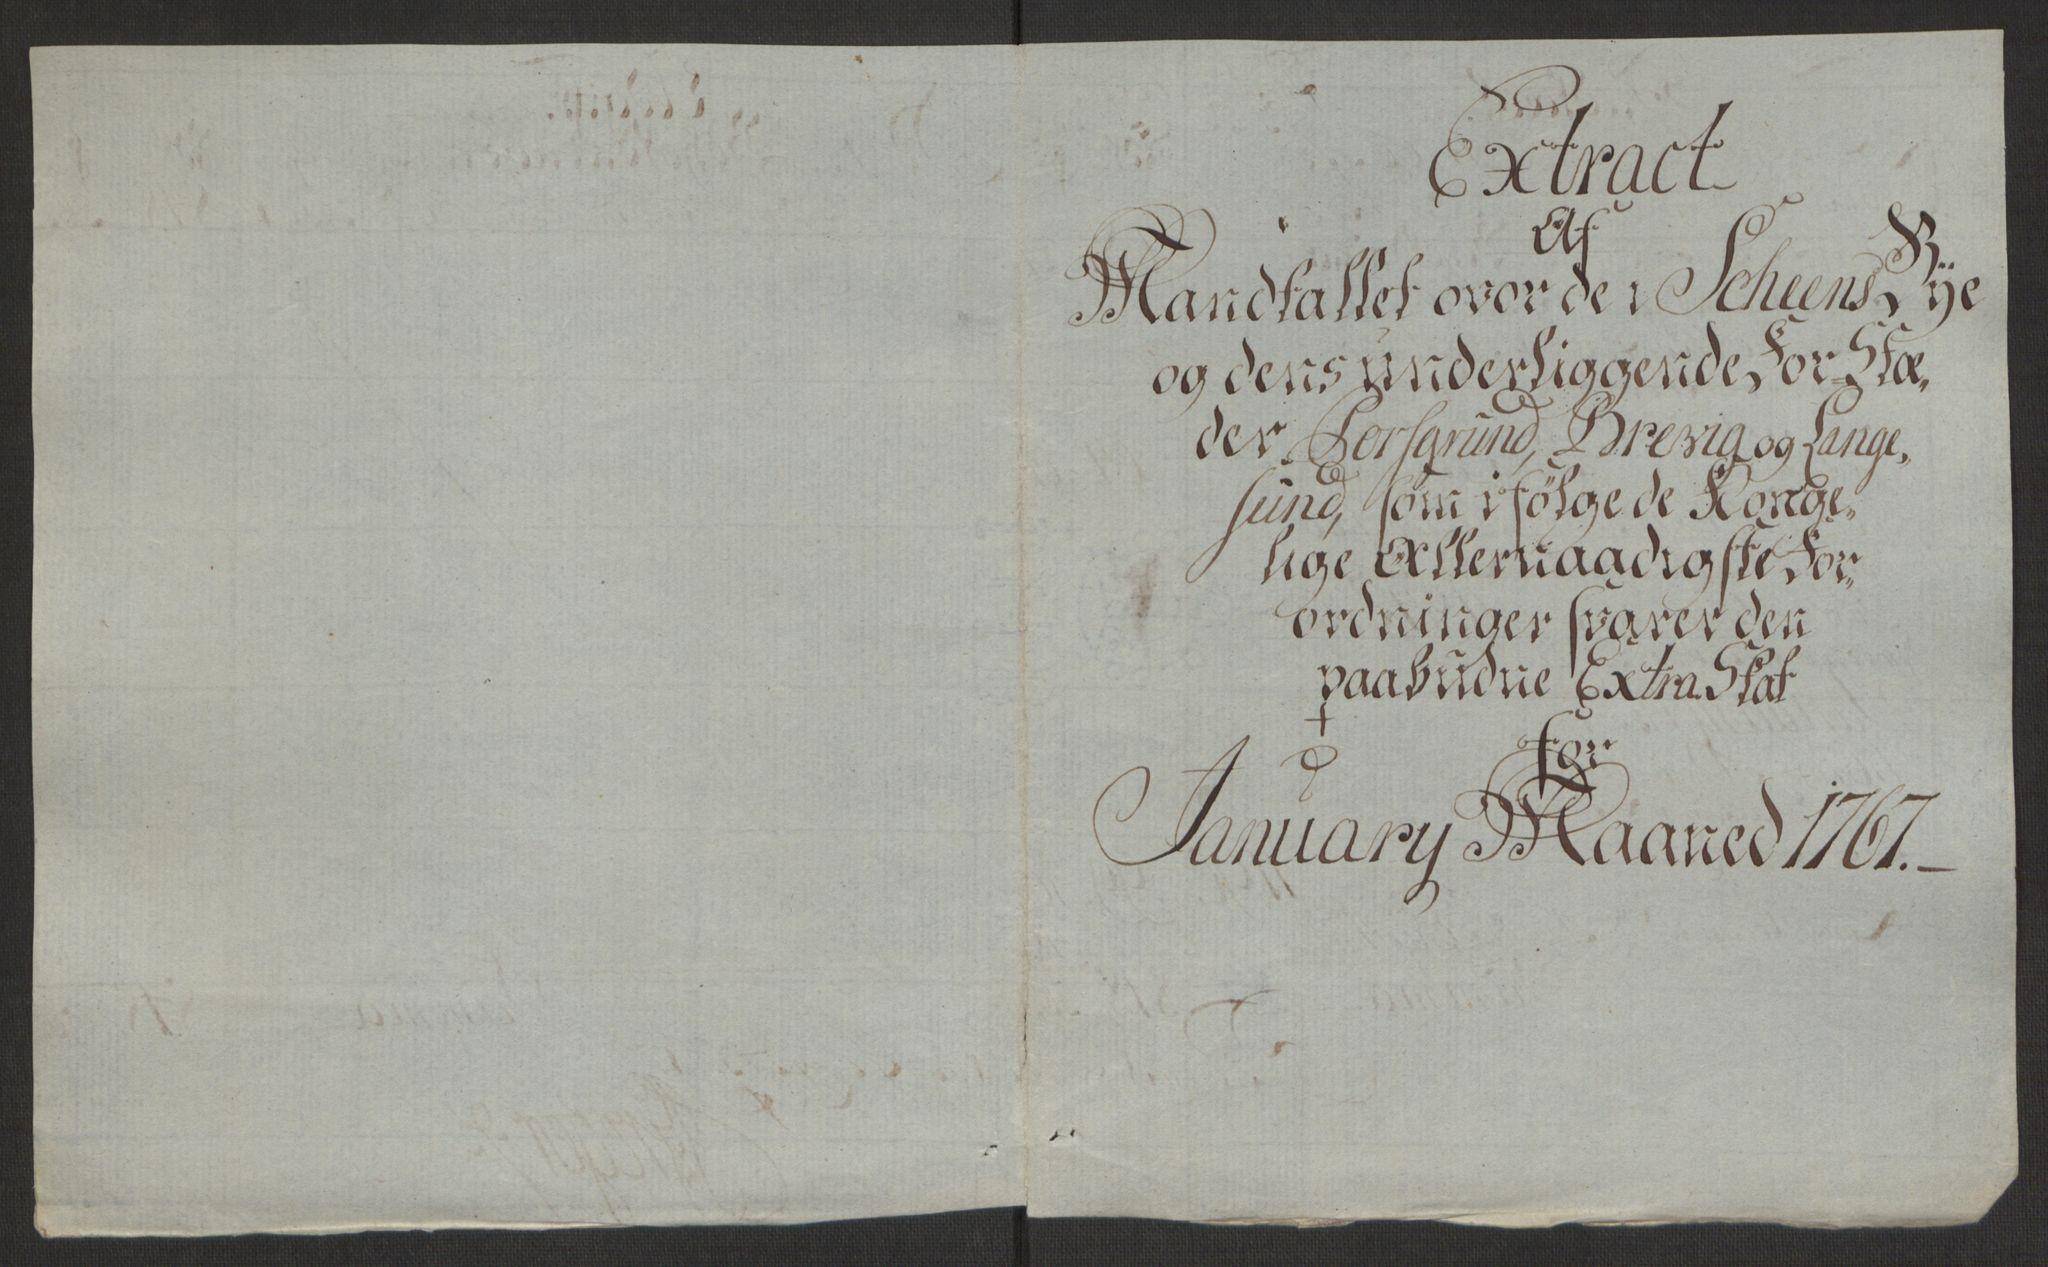 RA, Rentekammeret inntil 1814, Reviderte regnskaper, Byregnskaper, R/Rj/L0198: [J4] Kontribusjonsregnskap, 1762-1768, s. 432